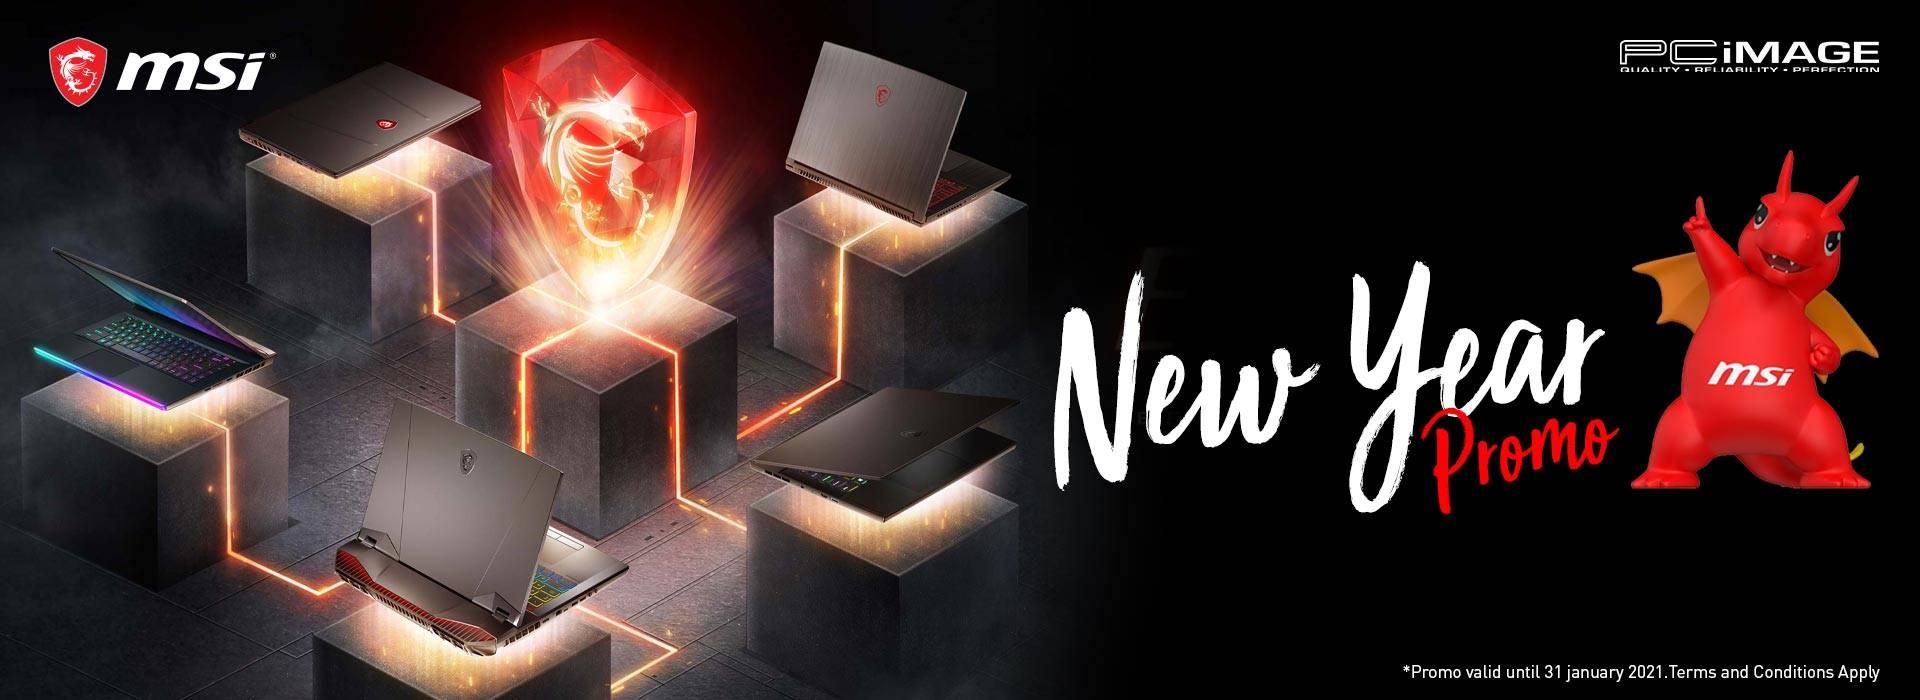 MSI New Year 2021 Promo